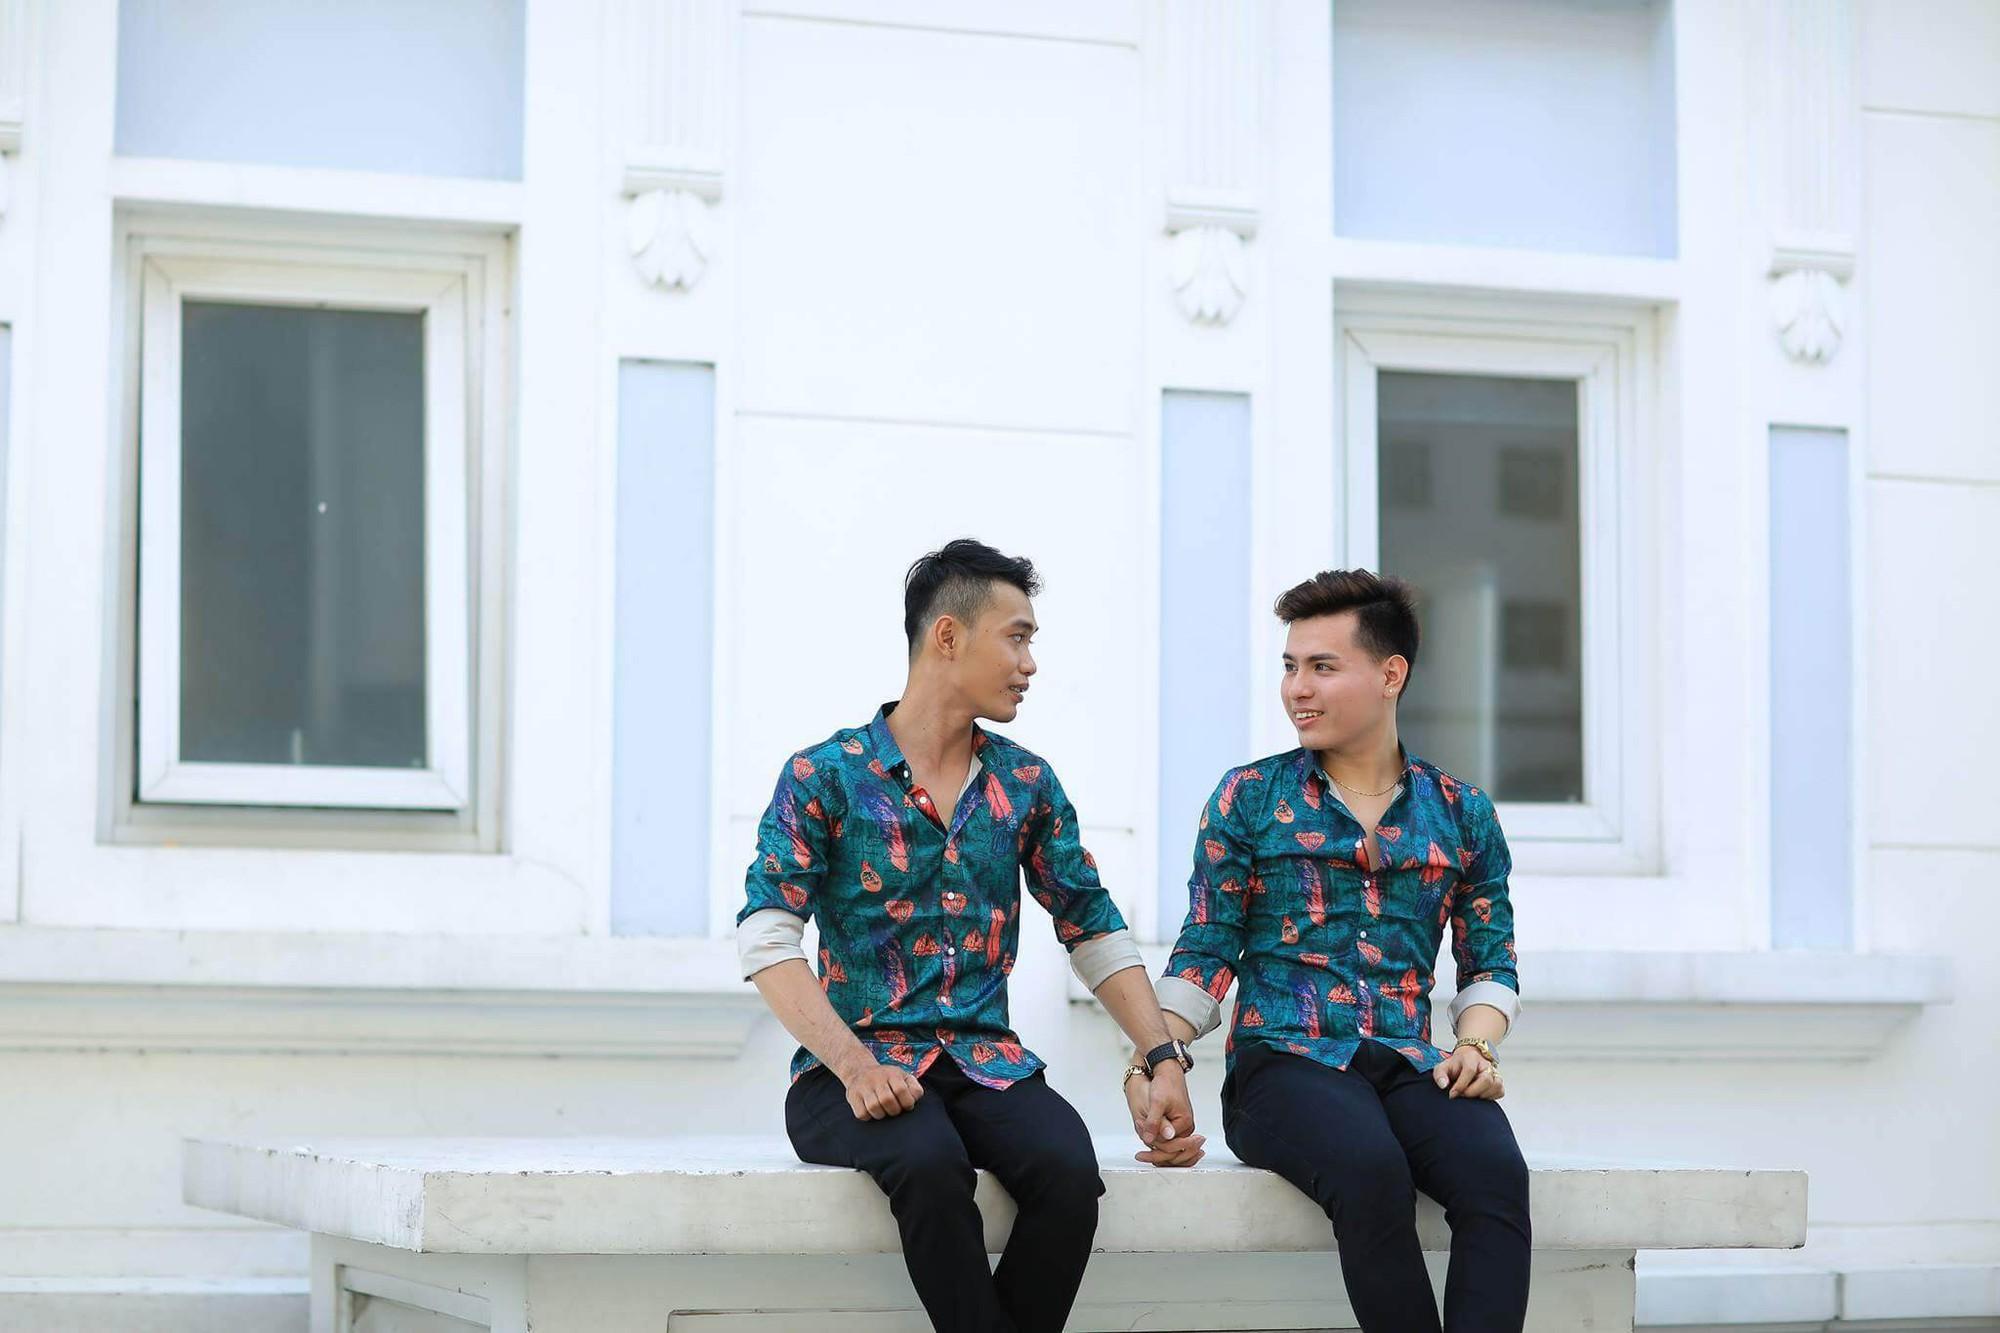 Phía sau clip đám cưới đồng tính gây xôn xao là câu chuyện tình nhiều trắc trở, mất 3 năm để thuyết phục cha mẹ của 2 chàng trai trẻ - Ảnh 2.